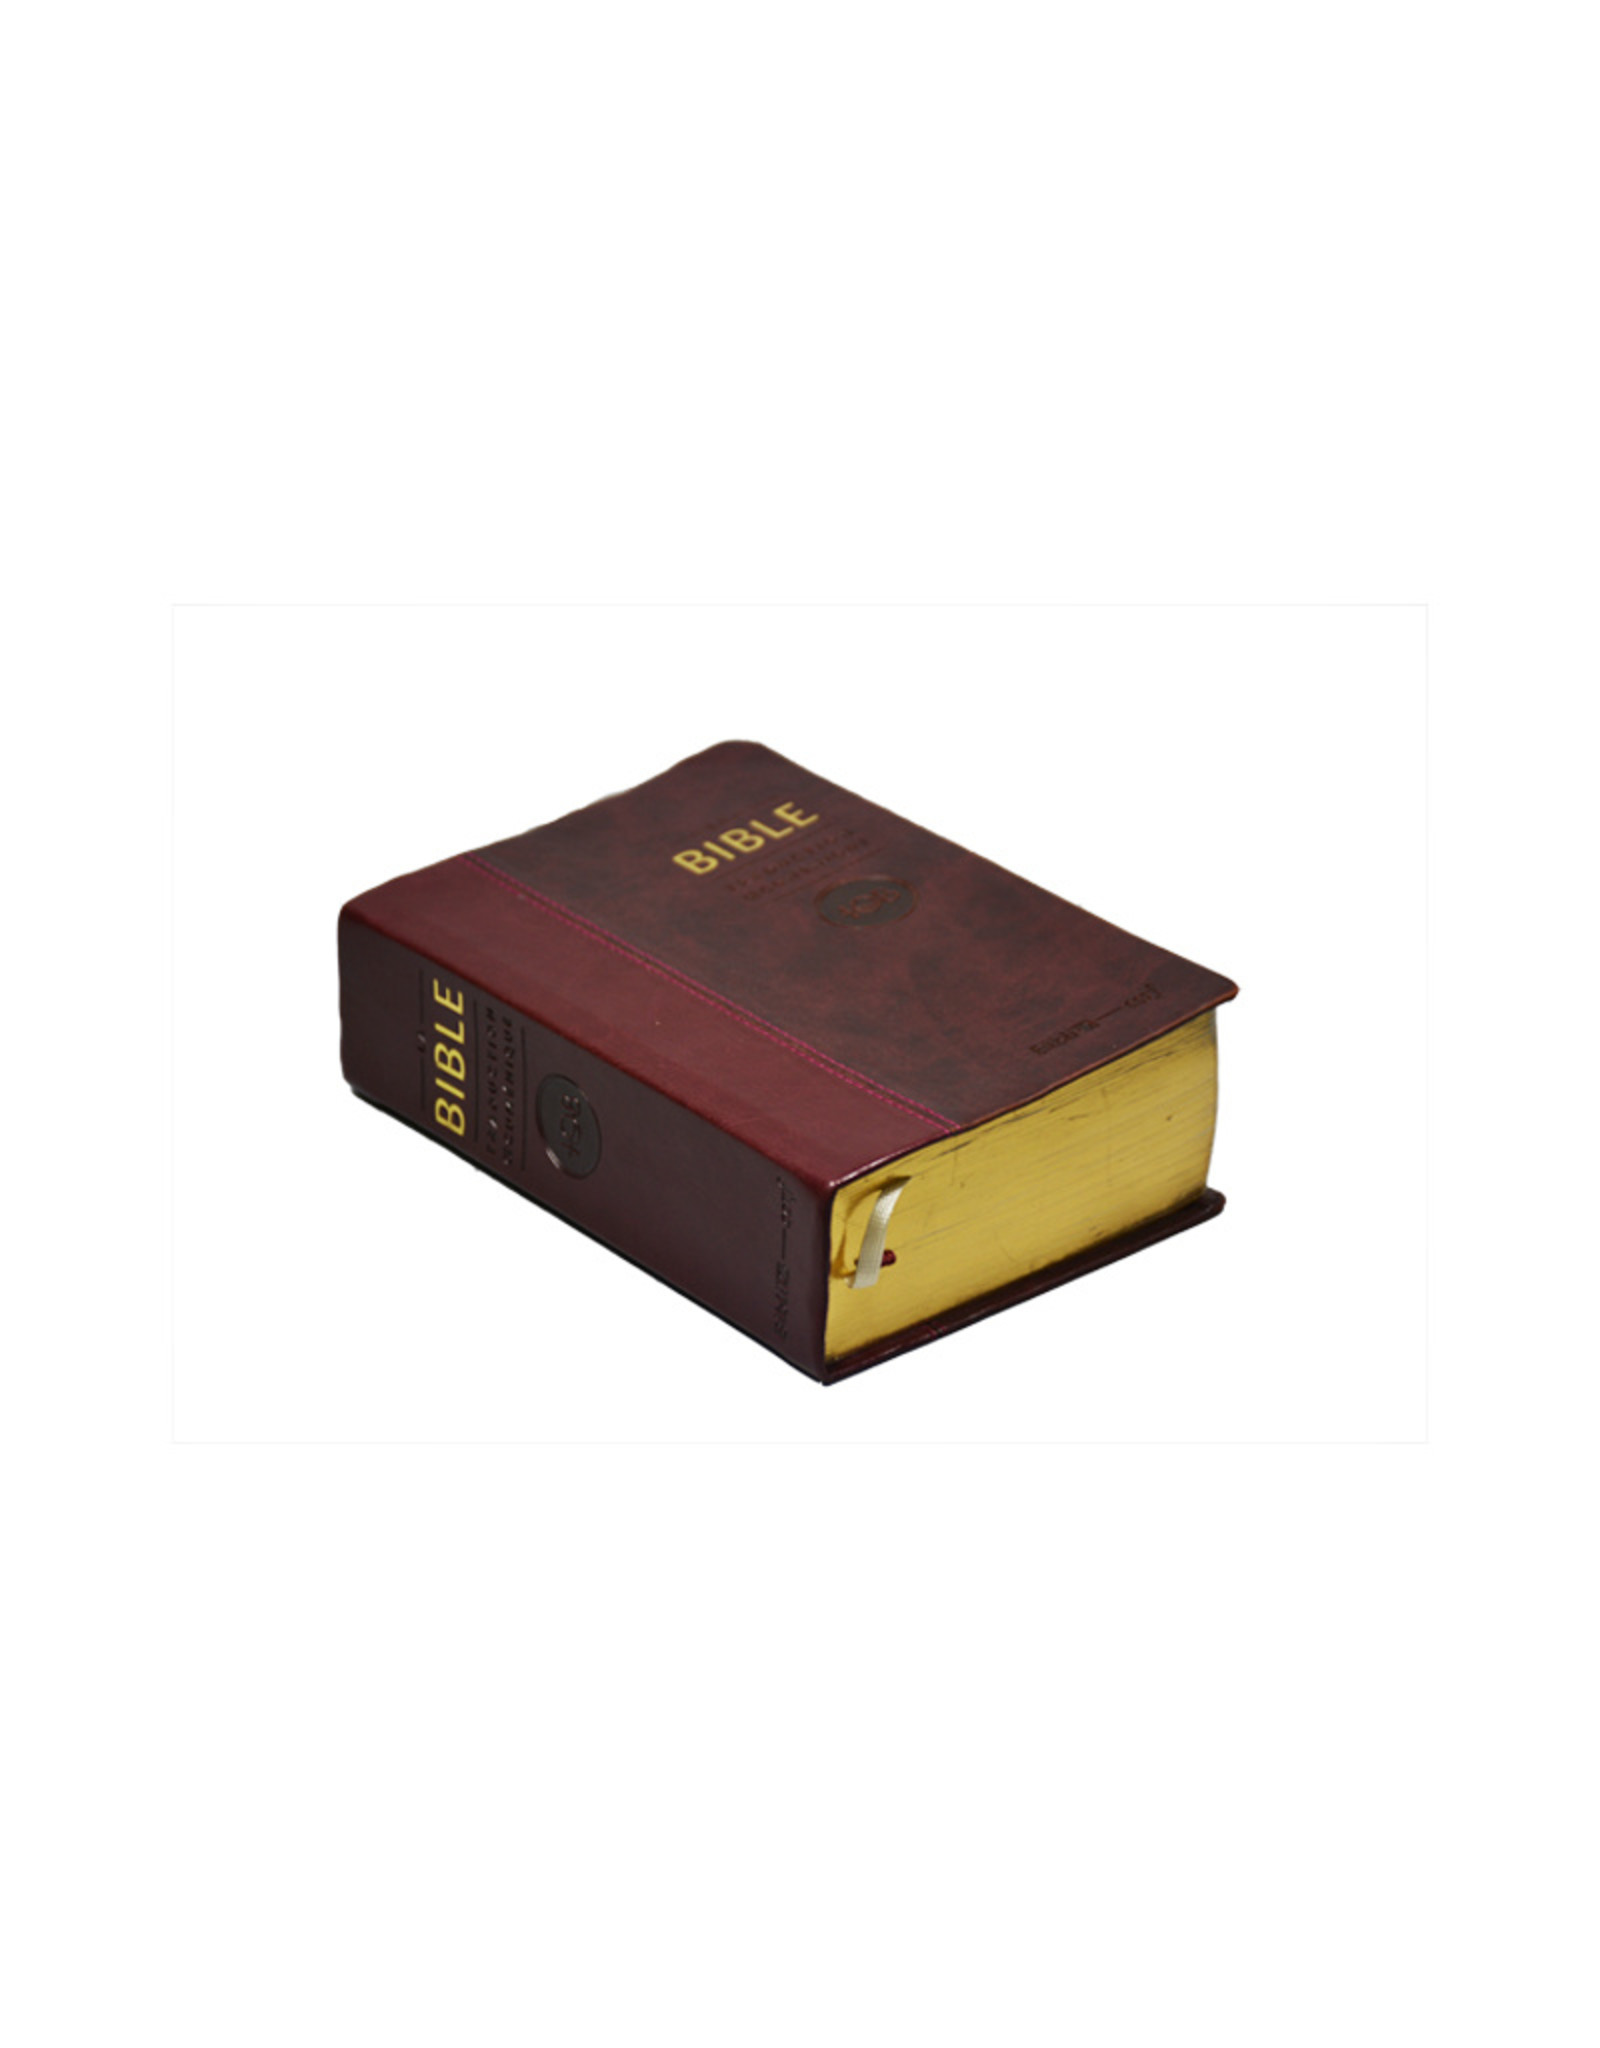 Société Biblique / Bible Society La Bible traduction oecuménique couverture: simili cuir brun